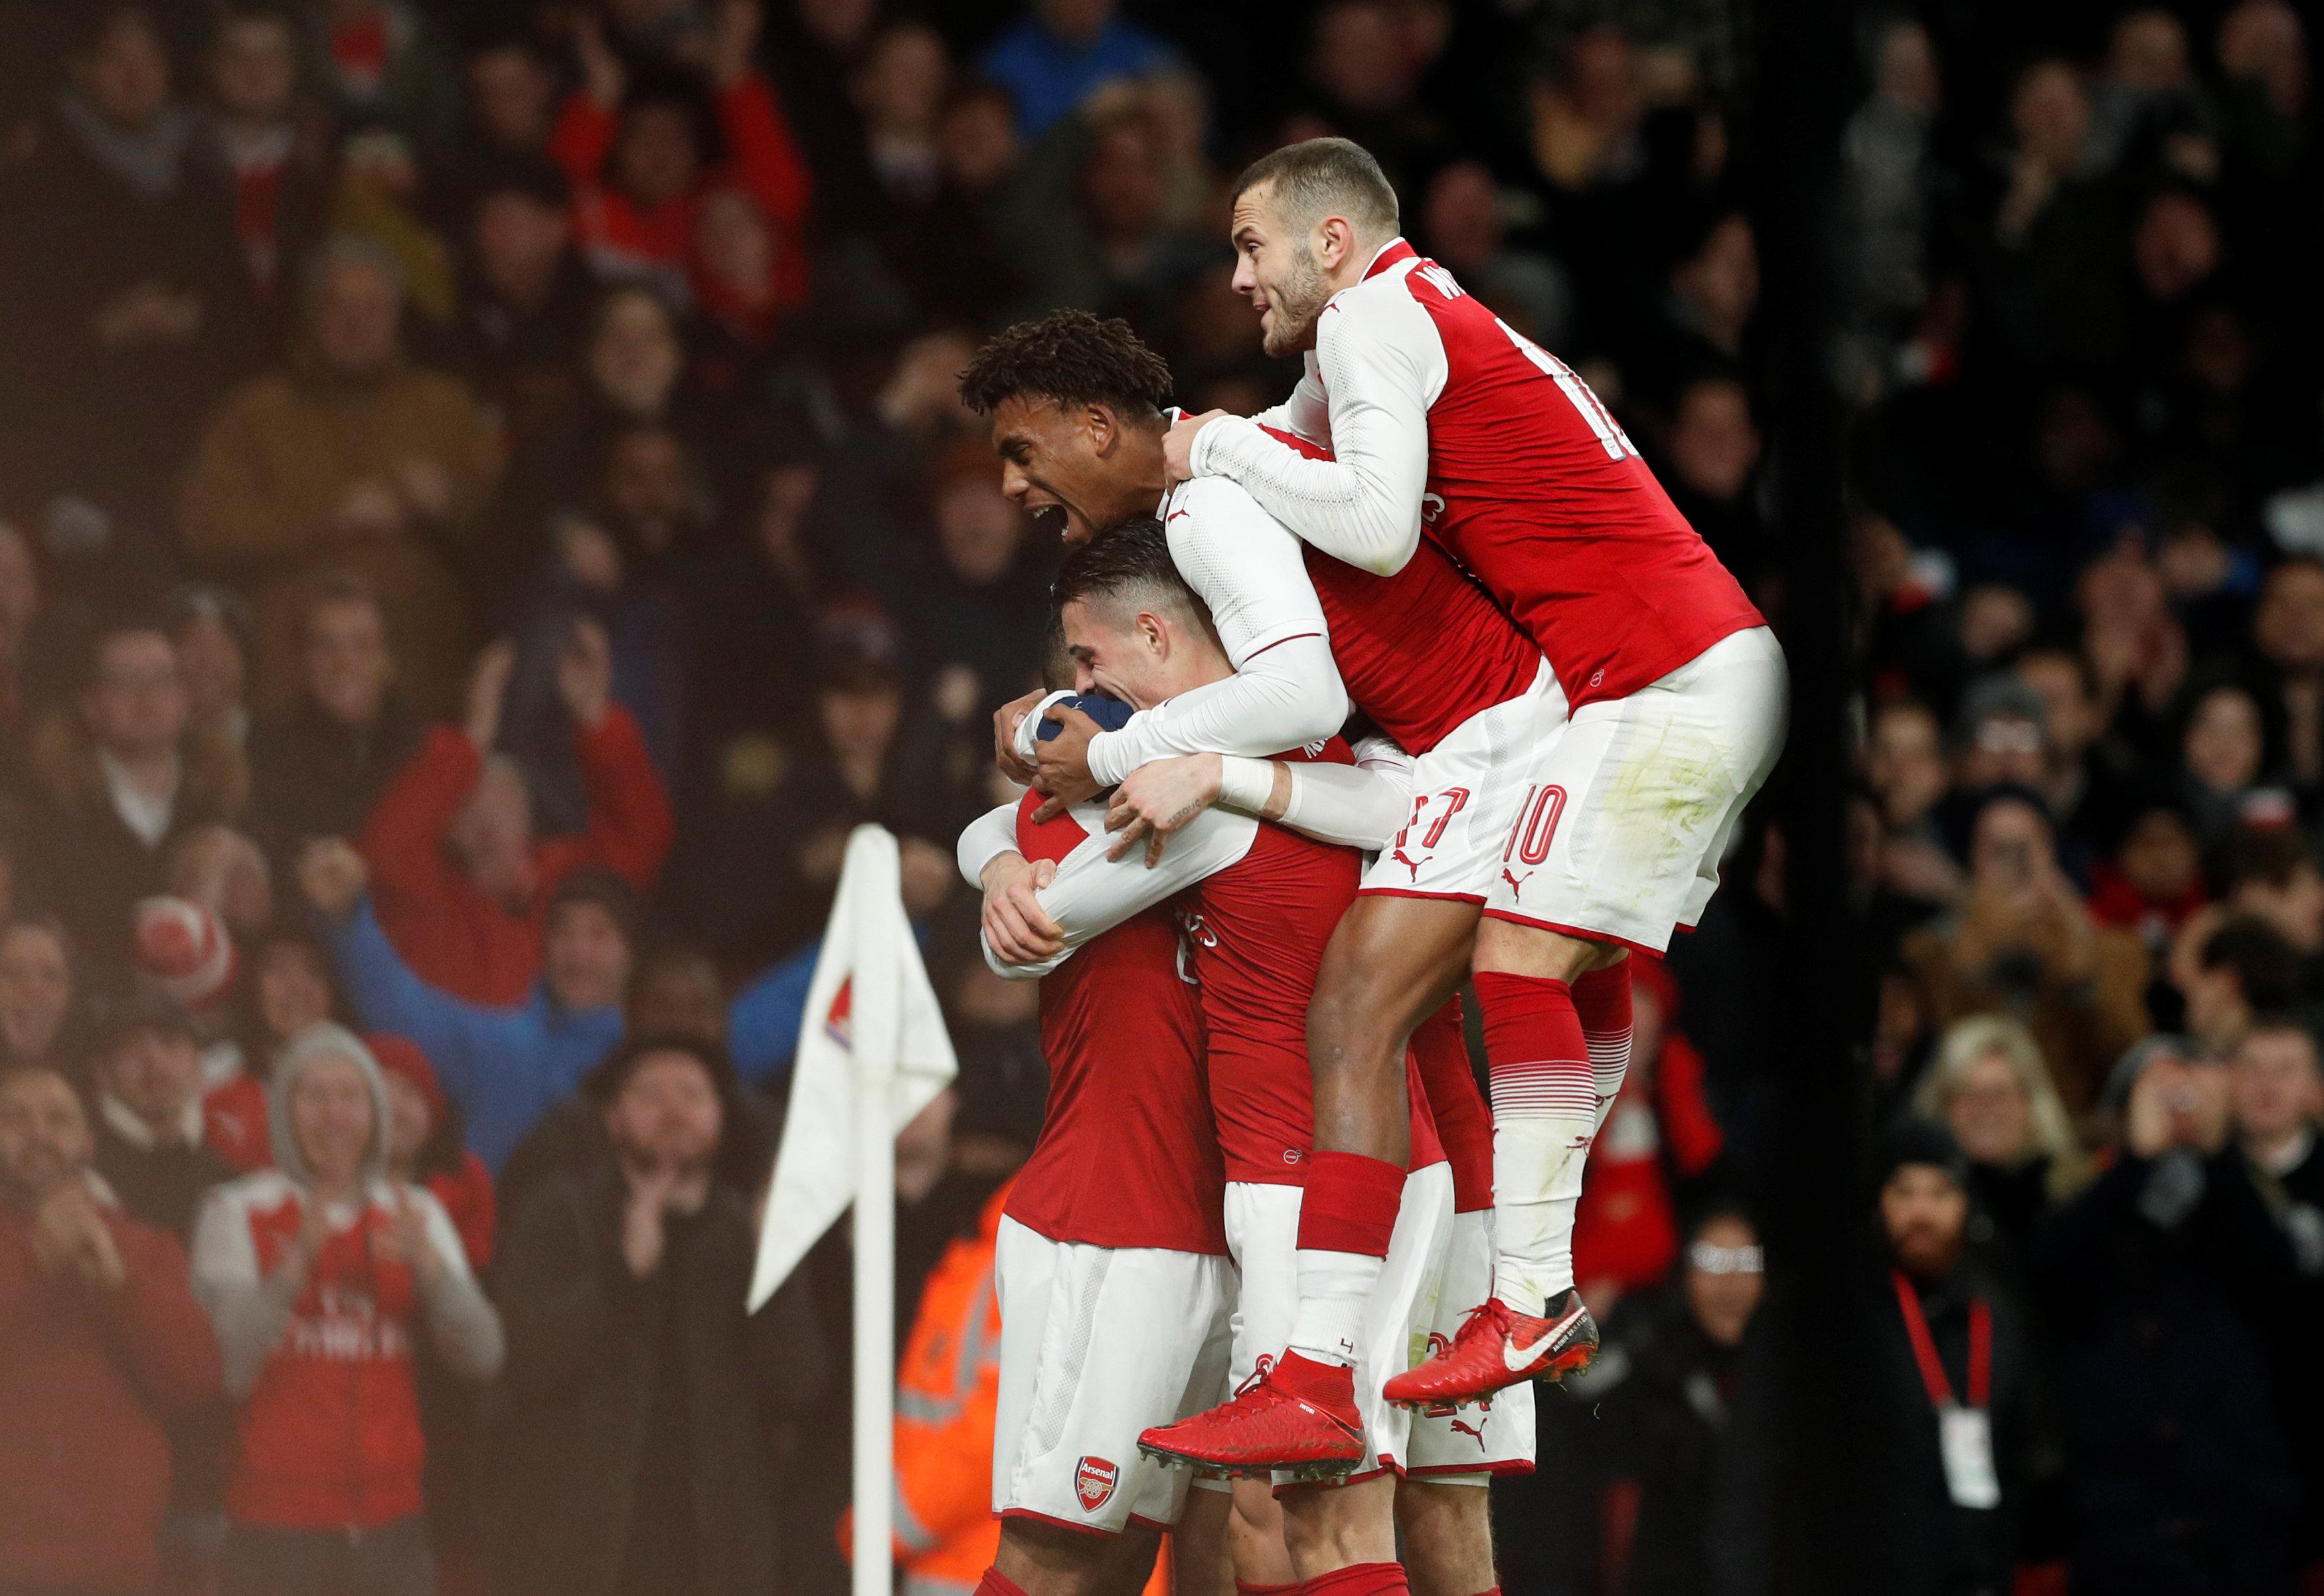 Niềm vui của các cầu thủ Arsenal sau khi nâng tỉ số lên 2-1. Ảnh: REUTERS